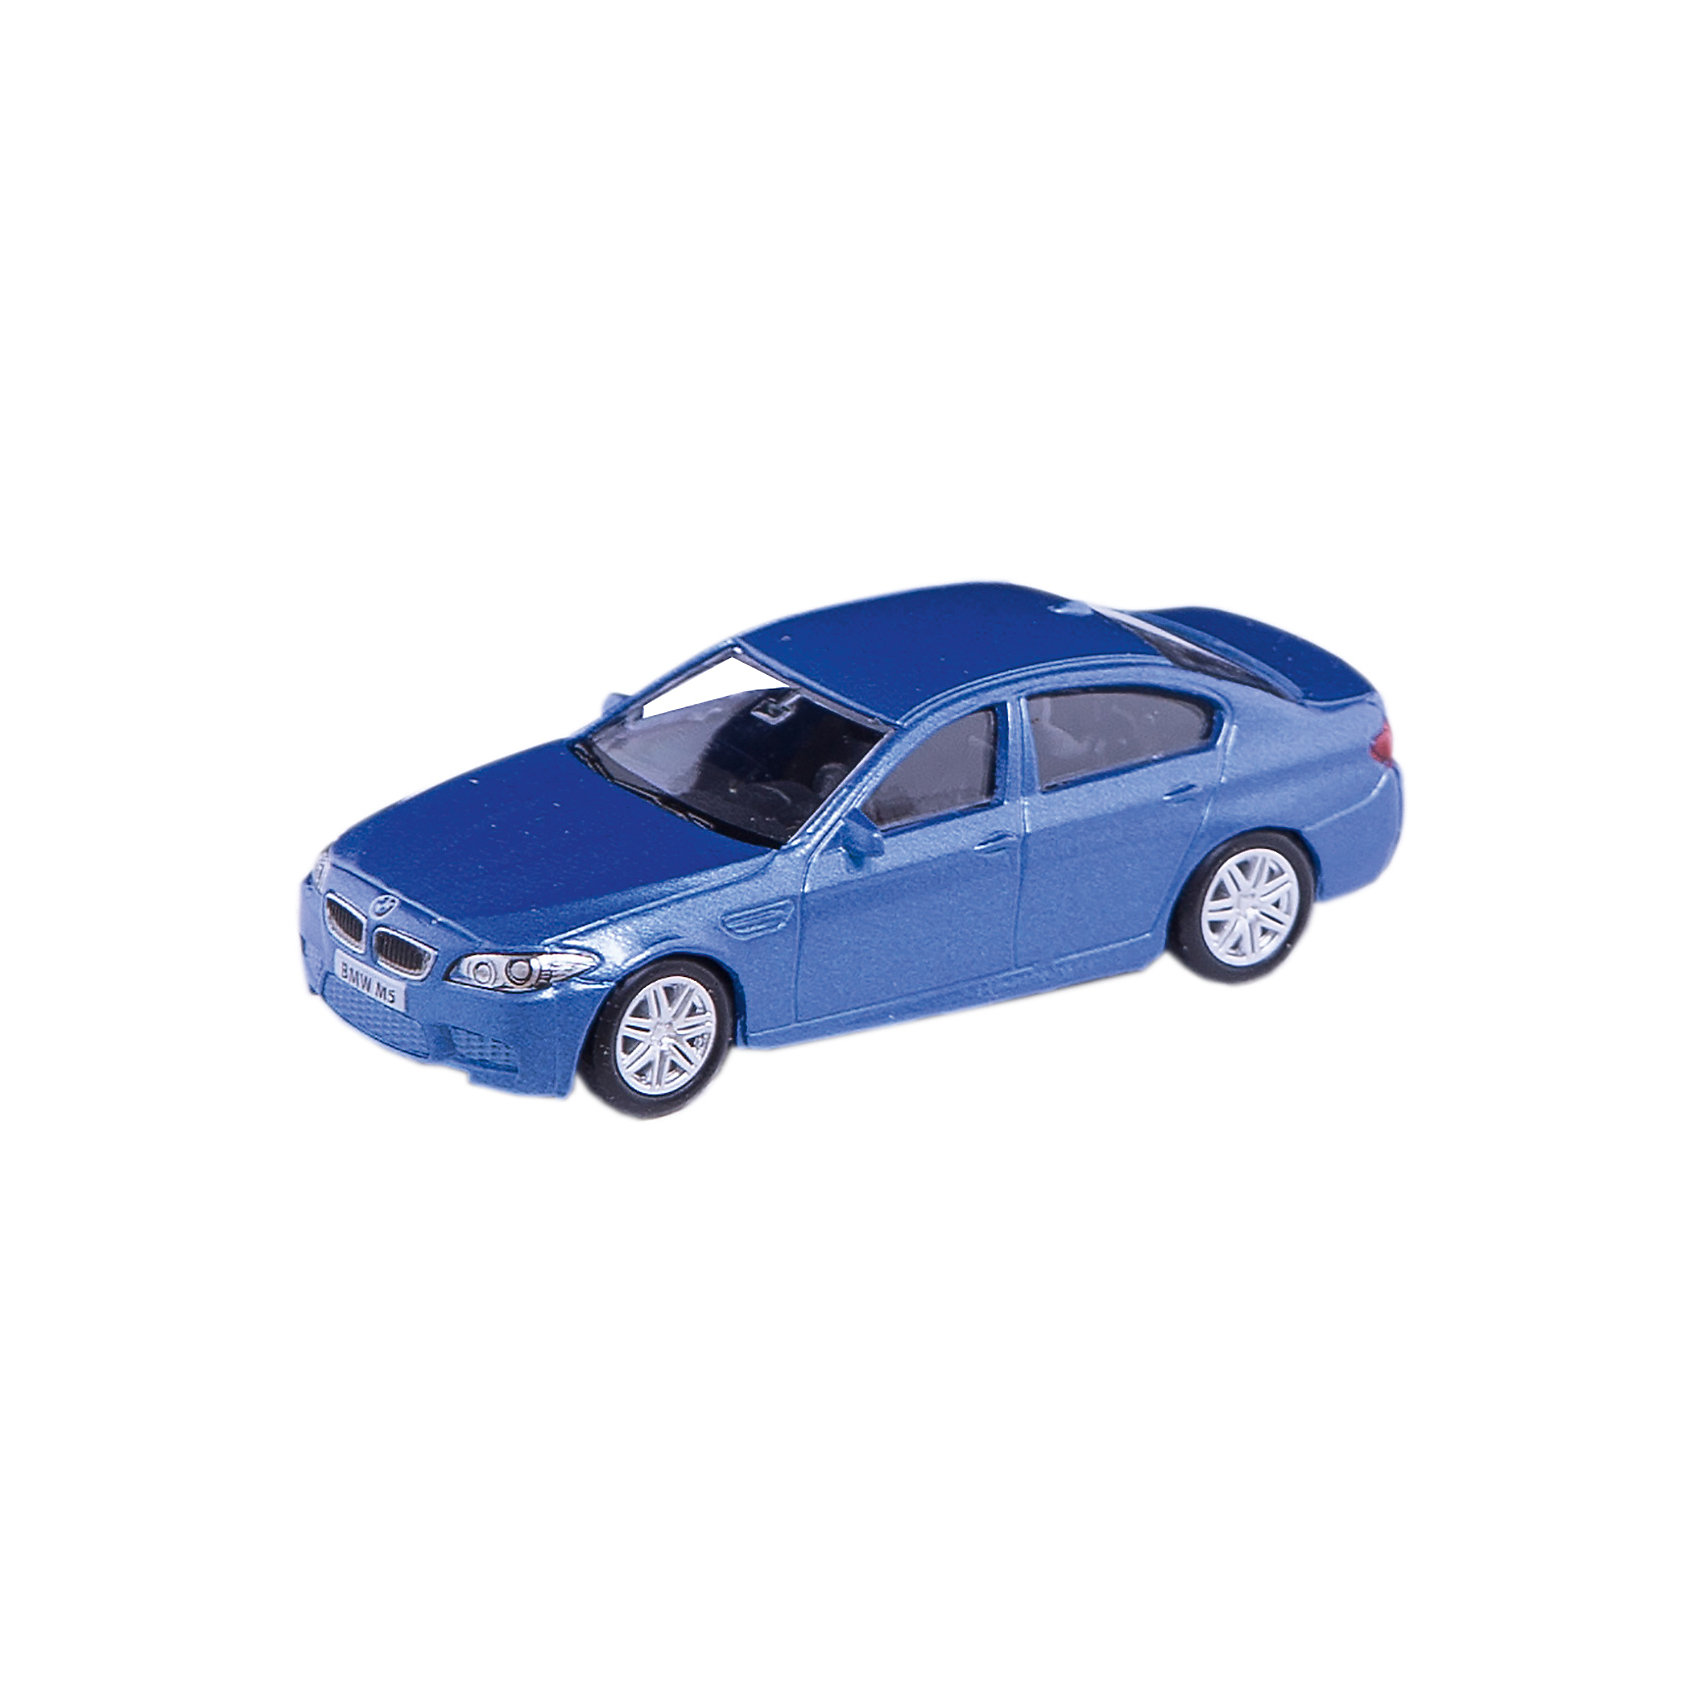 Машинка BMW M5 1:64, AutotimeМашинки<br>Характеристики товара:<br><br>• цвет: белый<br>• возраст: от 3 лет<br>• материал: металл, пластик<br>• масштаб: 1:64<br>• колеса вращаются<br>• размер упаковки: 15х6х6 см<br>• вес с упаковкой: 100 г<br>• страна бренда: Россия, Китай<br>• страна изготовитель: Китай<br><br>Эта отлично детализированная машинка является коллекционной моделью. Это - миниатюрная копия реально существующей модели.<br><br>Сделана машинка из прочного и безопасного материала. Благодаря прозрачным стеклам виден подробно проработанный салон.<br><br>Машинку «BMW M5» 1:64, Autotime (Автотайм) можно купить в нашем интернет-магазине.<br><br>Ширина мм: 90<br>Глубина мм: 42<br>Высота мм: 40<br>Вес г: 13<br>Возраст от месяцев: 36<br>Возраст до месяцев: 2147483647<br>Пол: Мужской<br>Возраст: Детский<br>SKU: 5584081